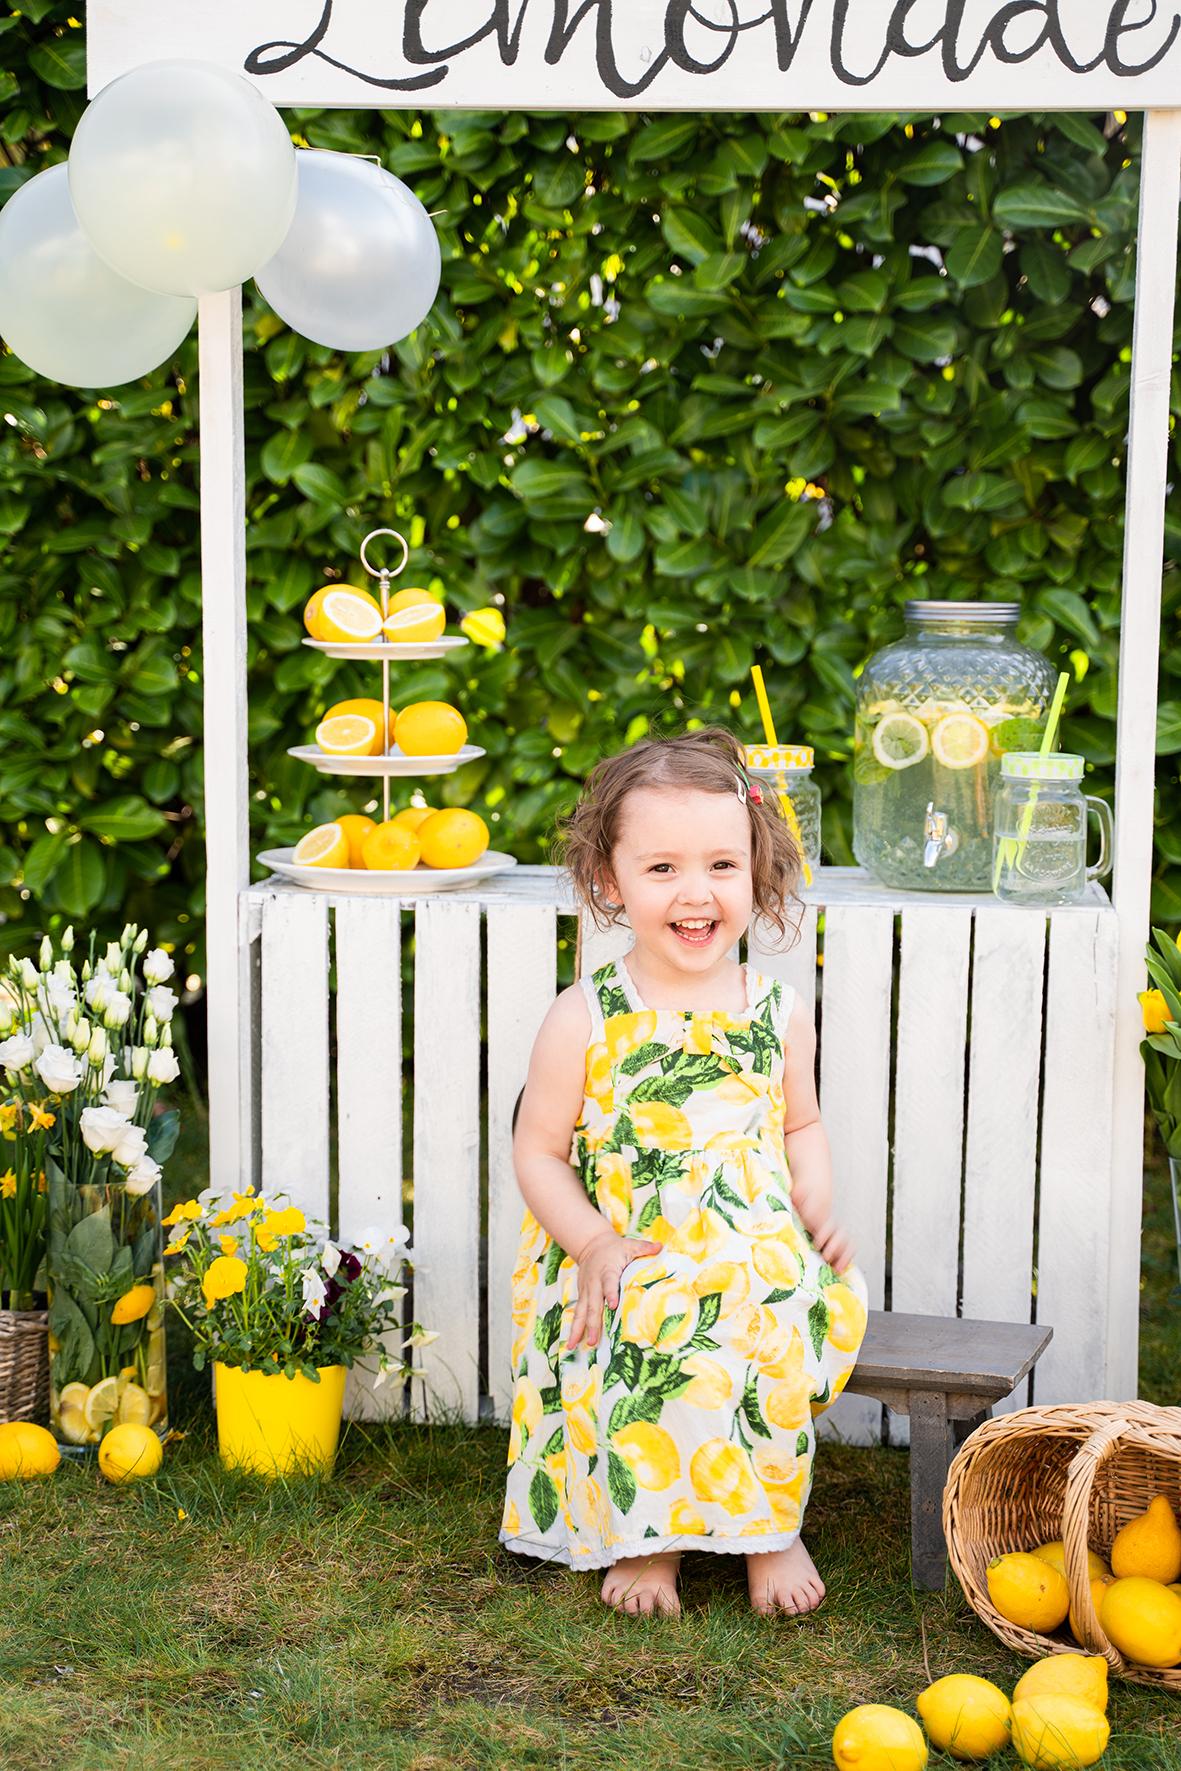 Fotograf Zeven Limonadenshooting Fotoshooting Kinderfotograf Babyfotograf